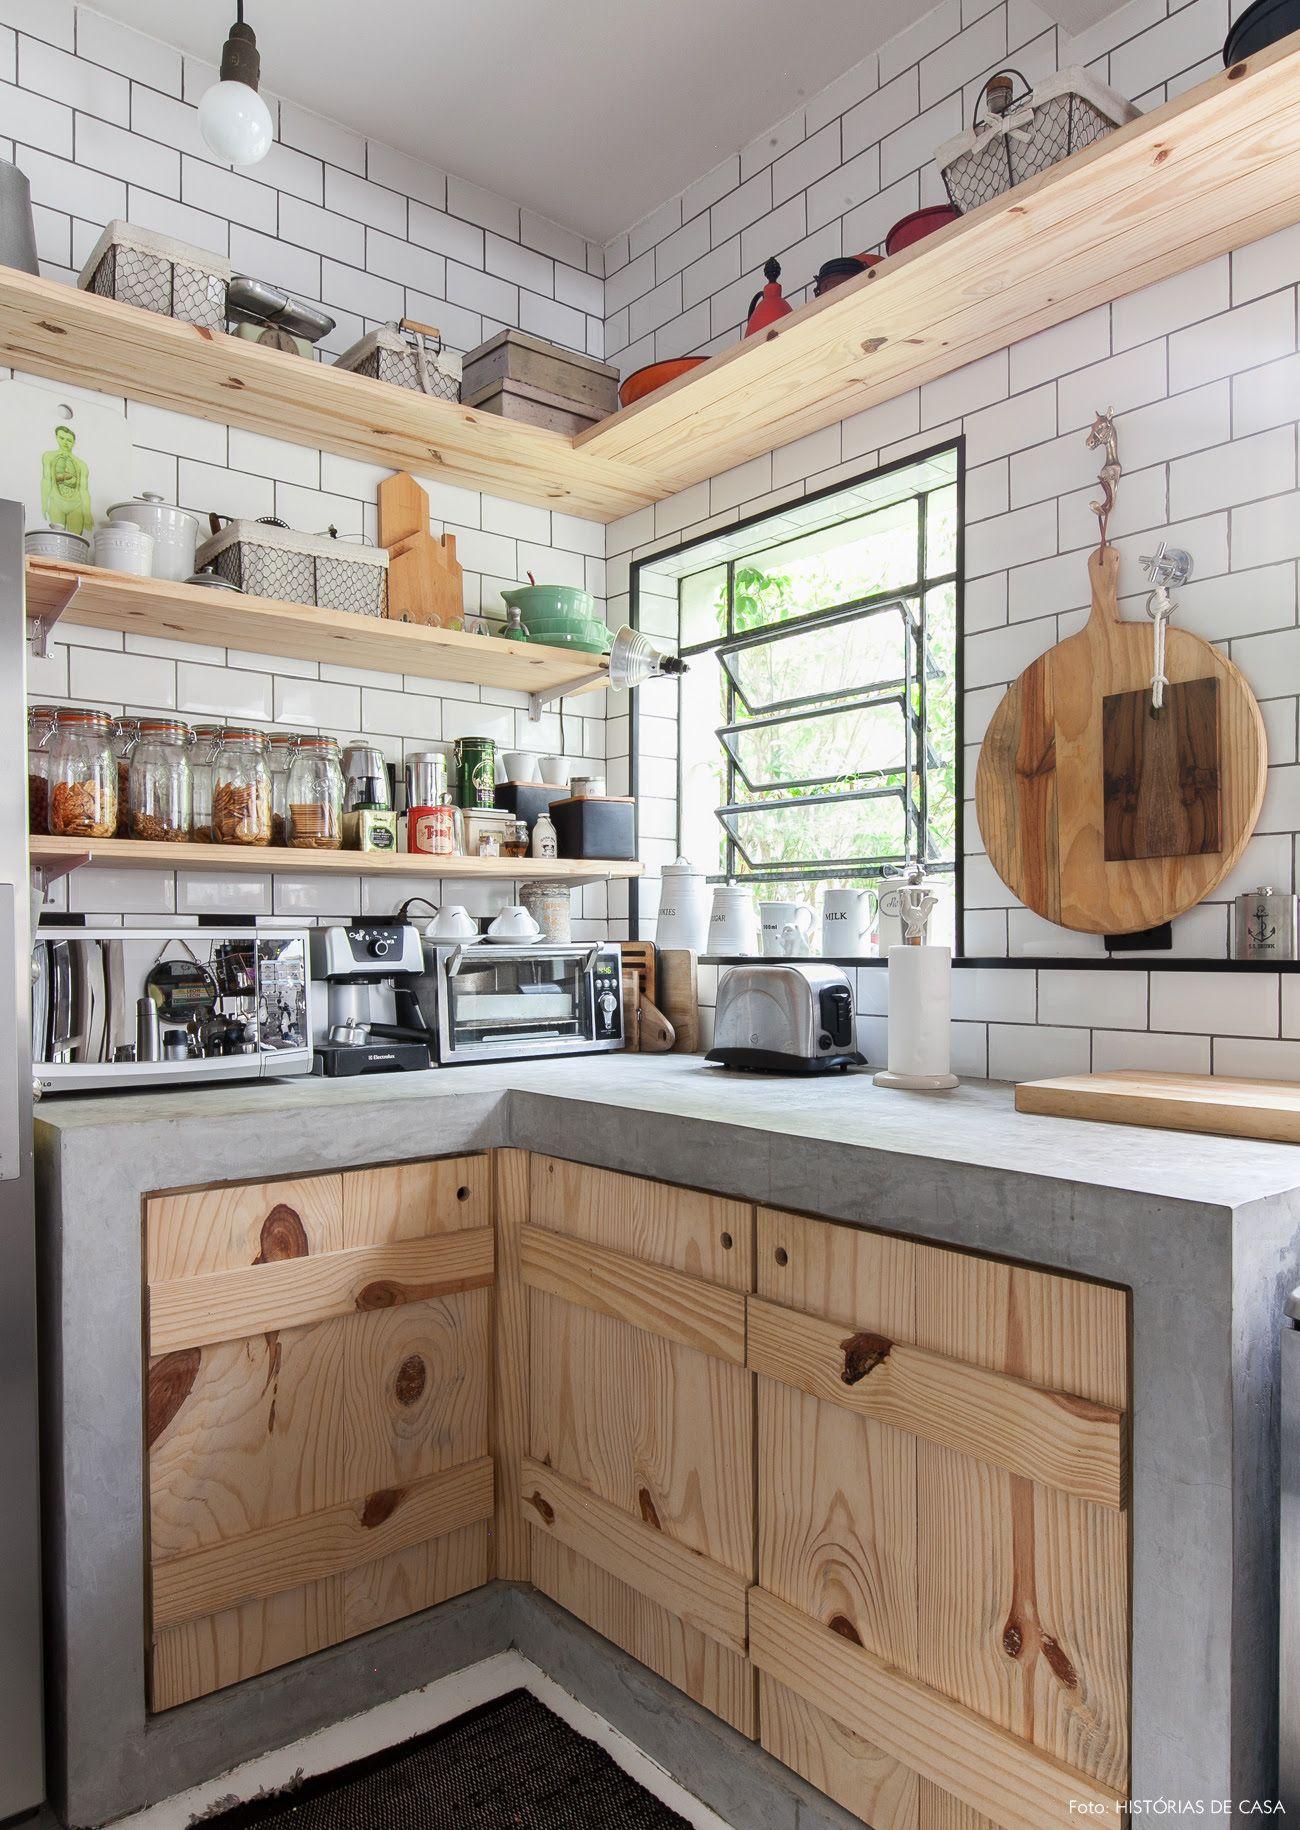 Esszimmer setzt traditionellen stil pin von brigitte auf küchenideen  pinterest  kitchen kitchen